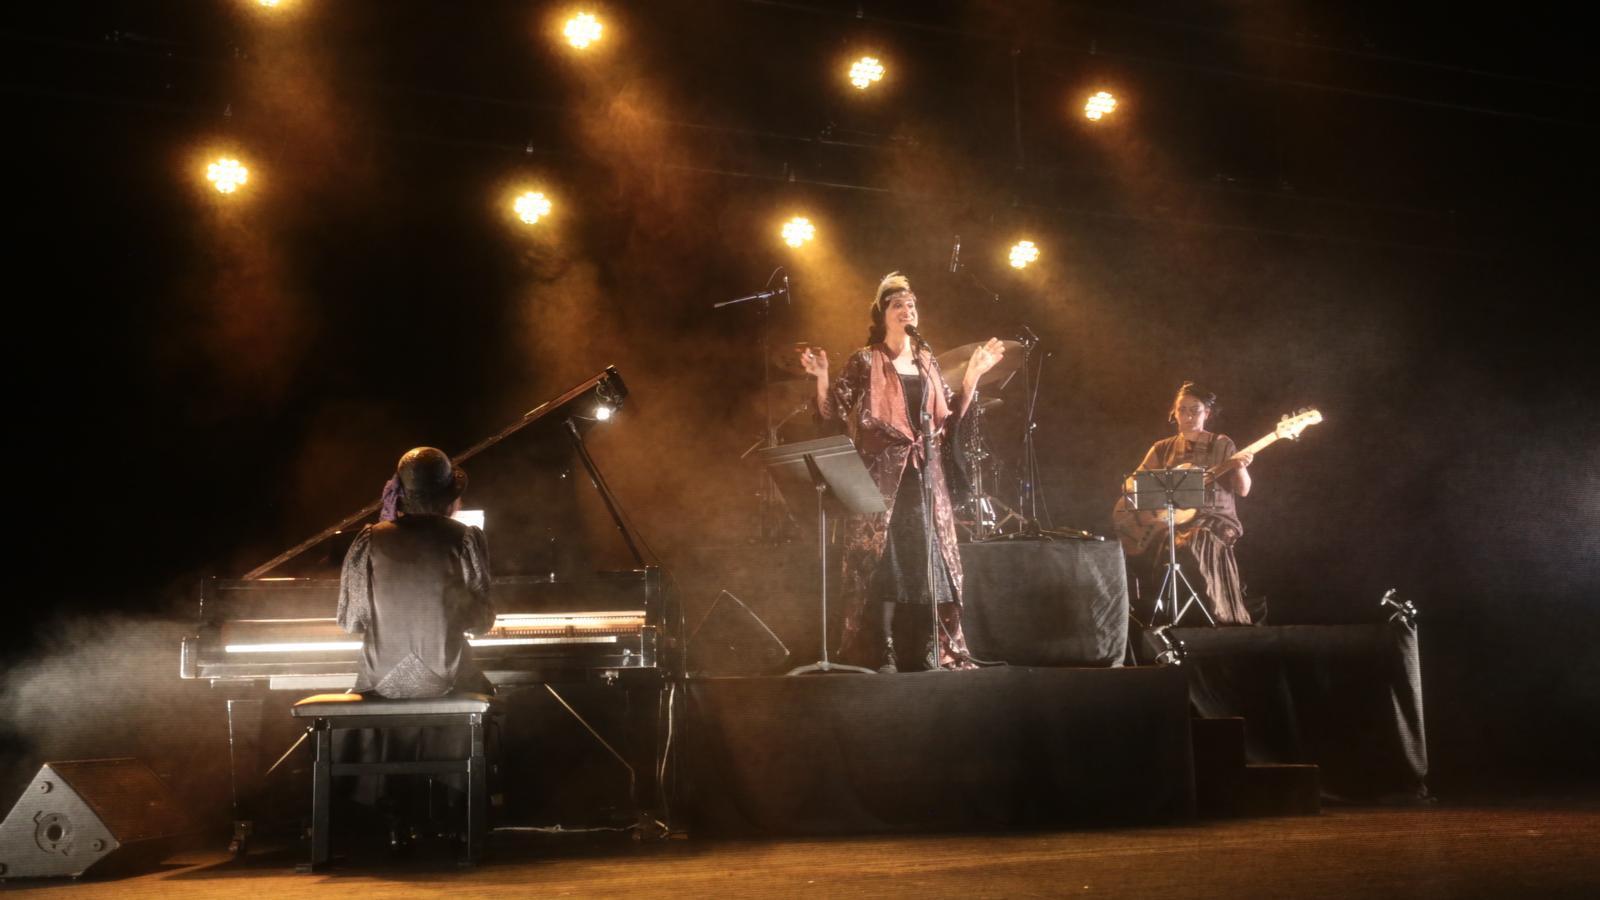 La banda Morgana Jazz ha amenitzat musicalment la gala